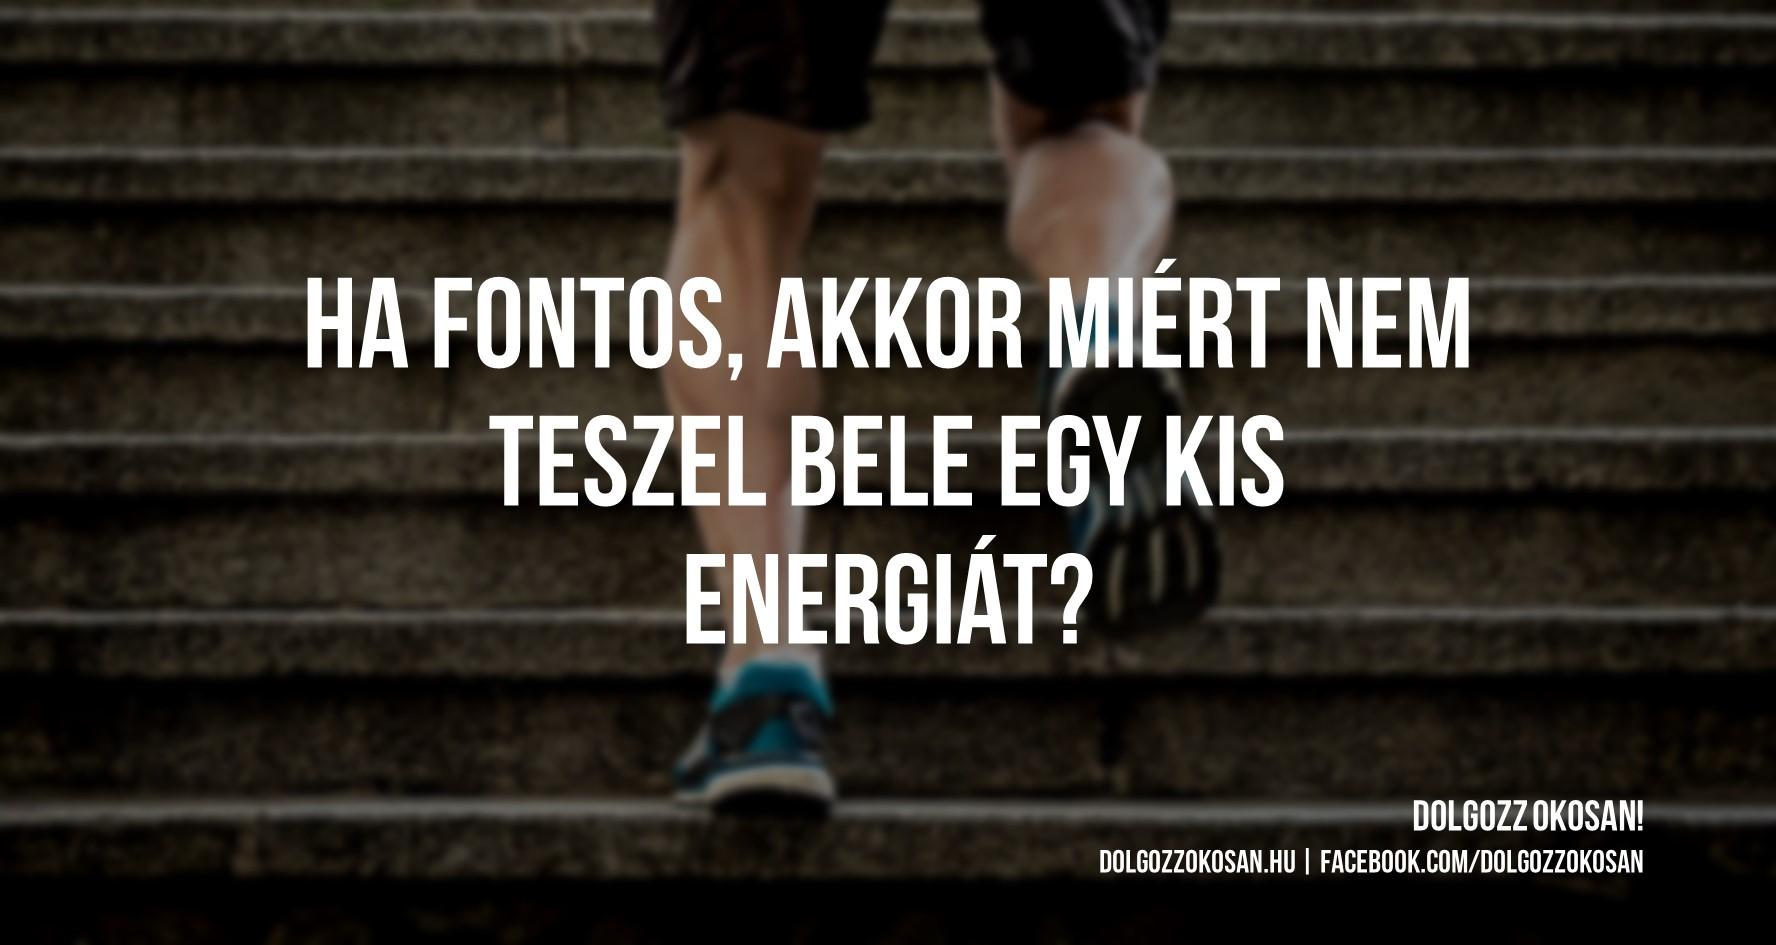 Ha fontos, akkor miért nem teszel bele egy kis energiát?